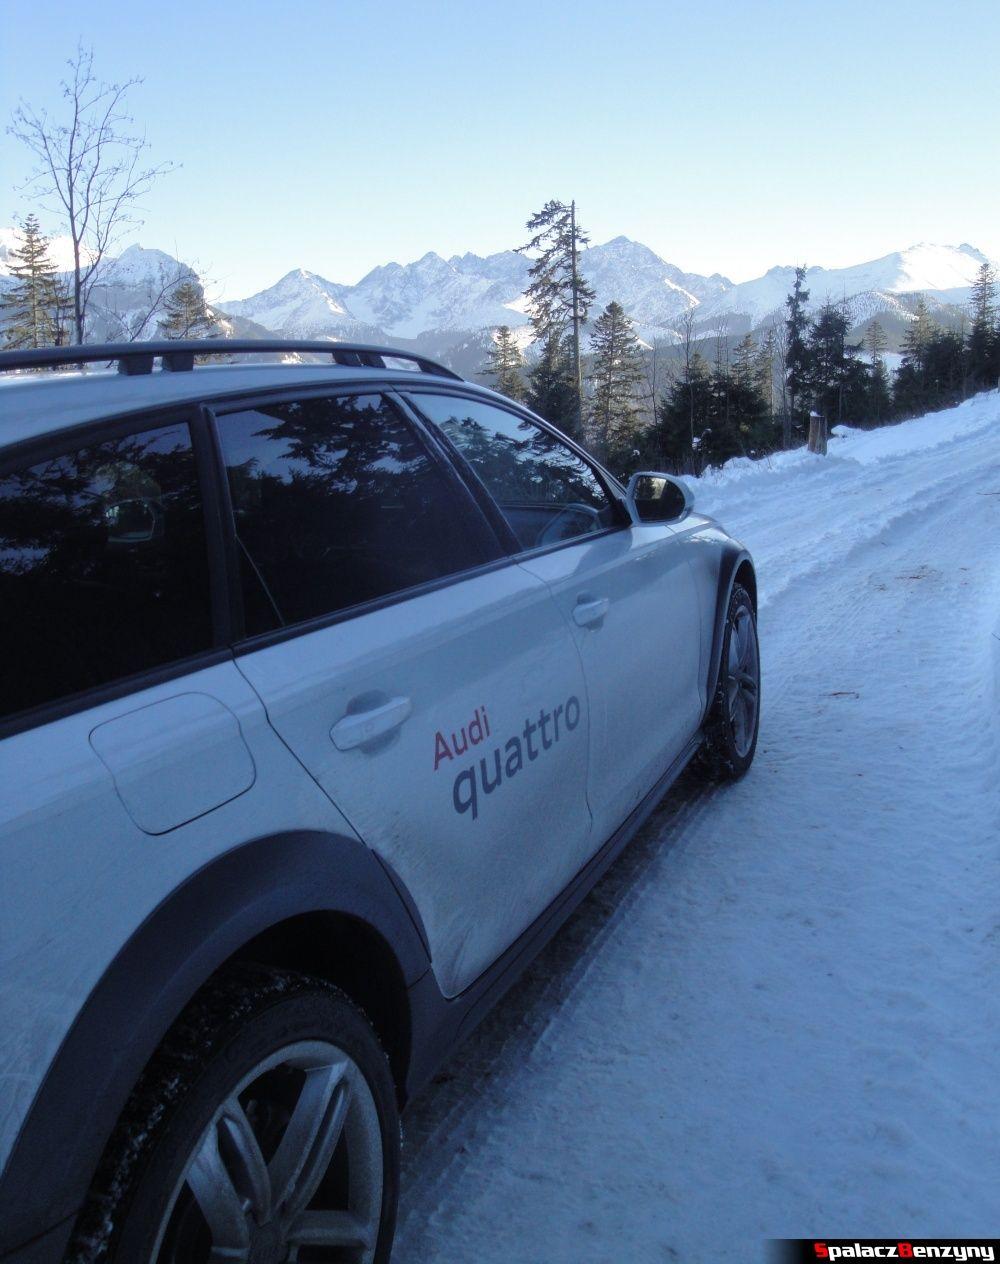 Drzwi Audi A6 allroad quattro na śnieżnej górskiej drodze